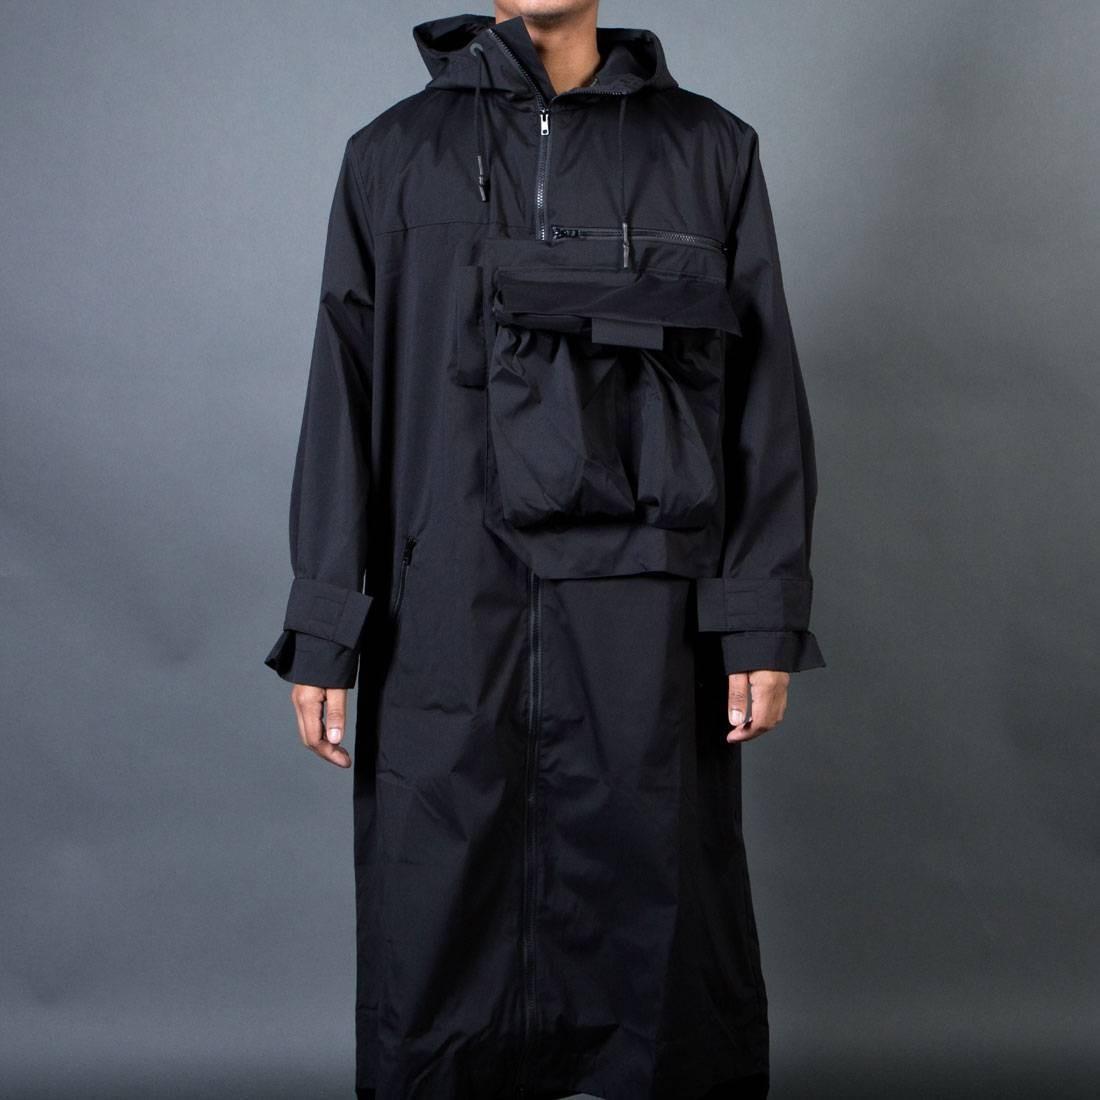 Adidas Y-3 Men Minimalist Coat (black)